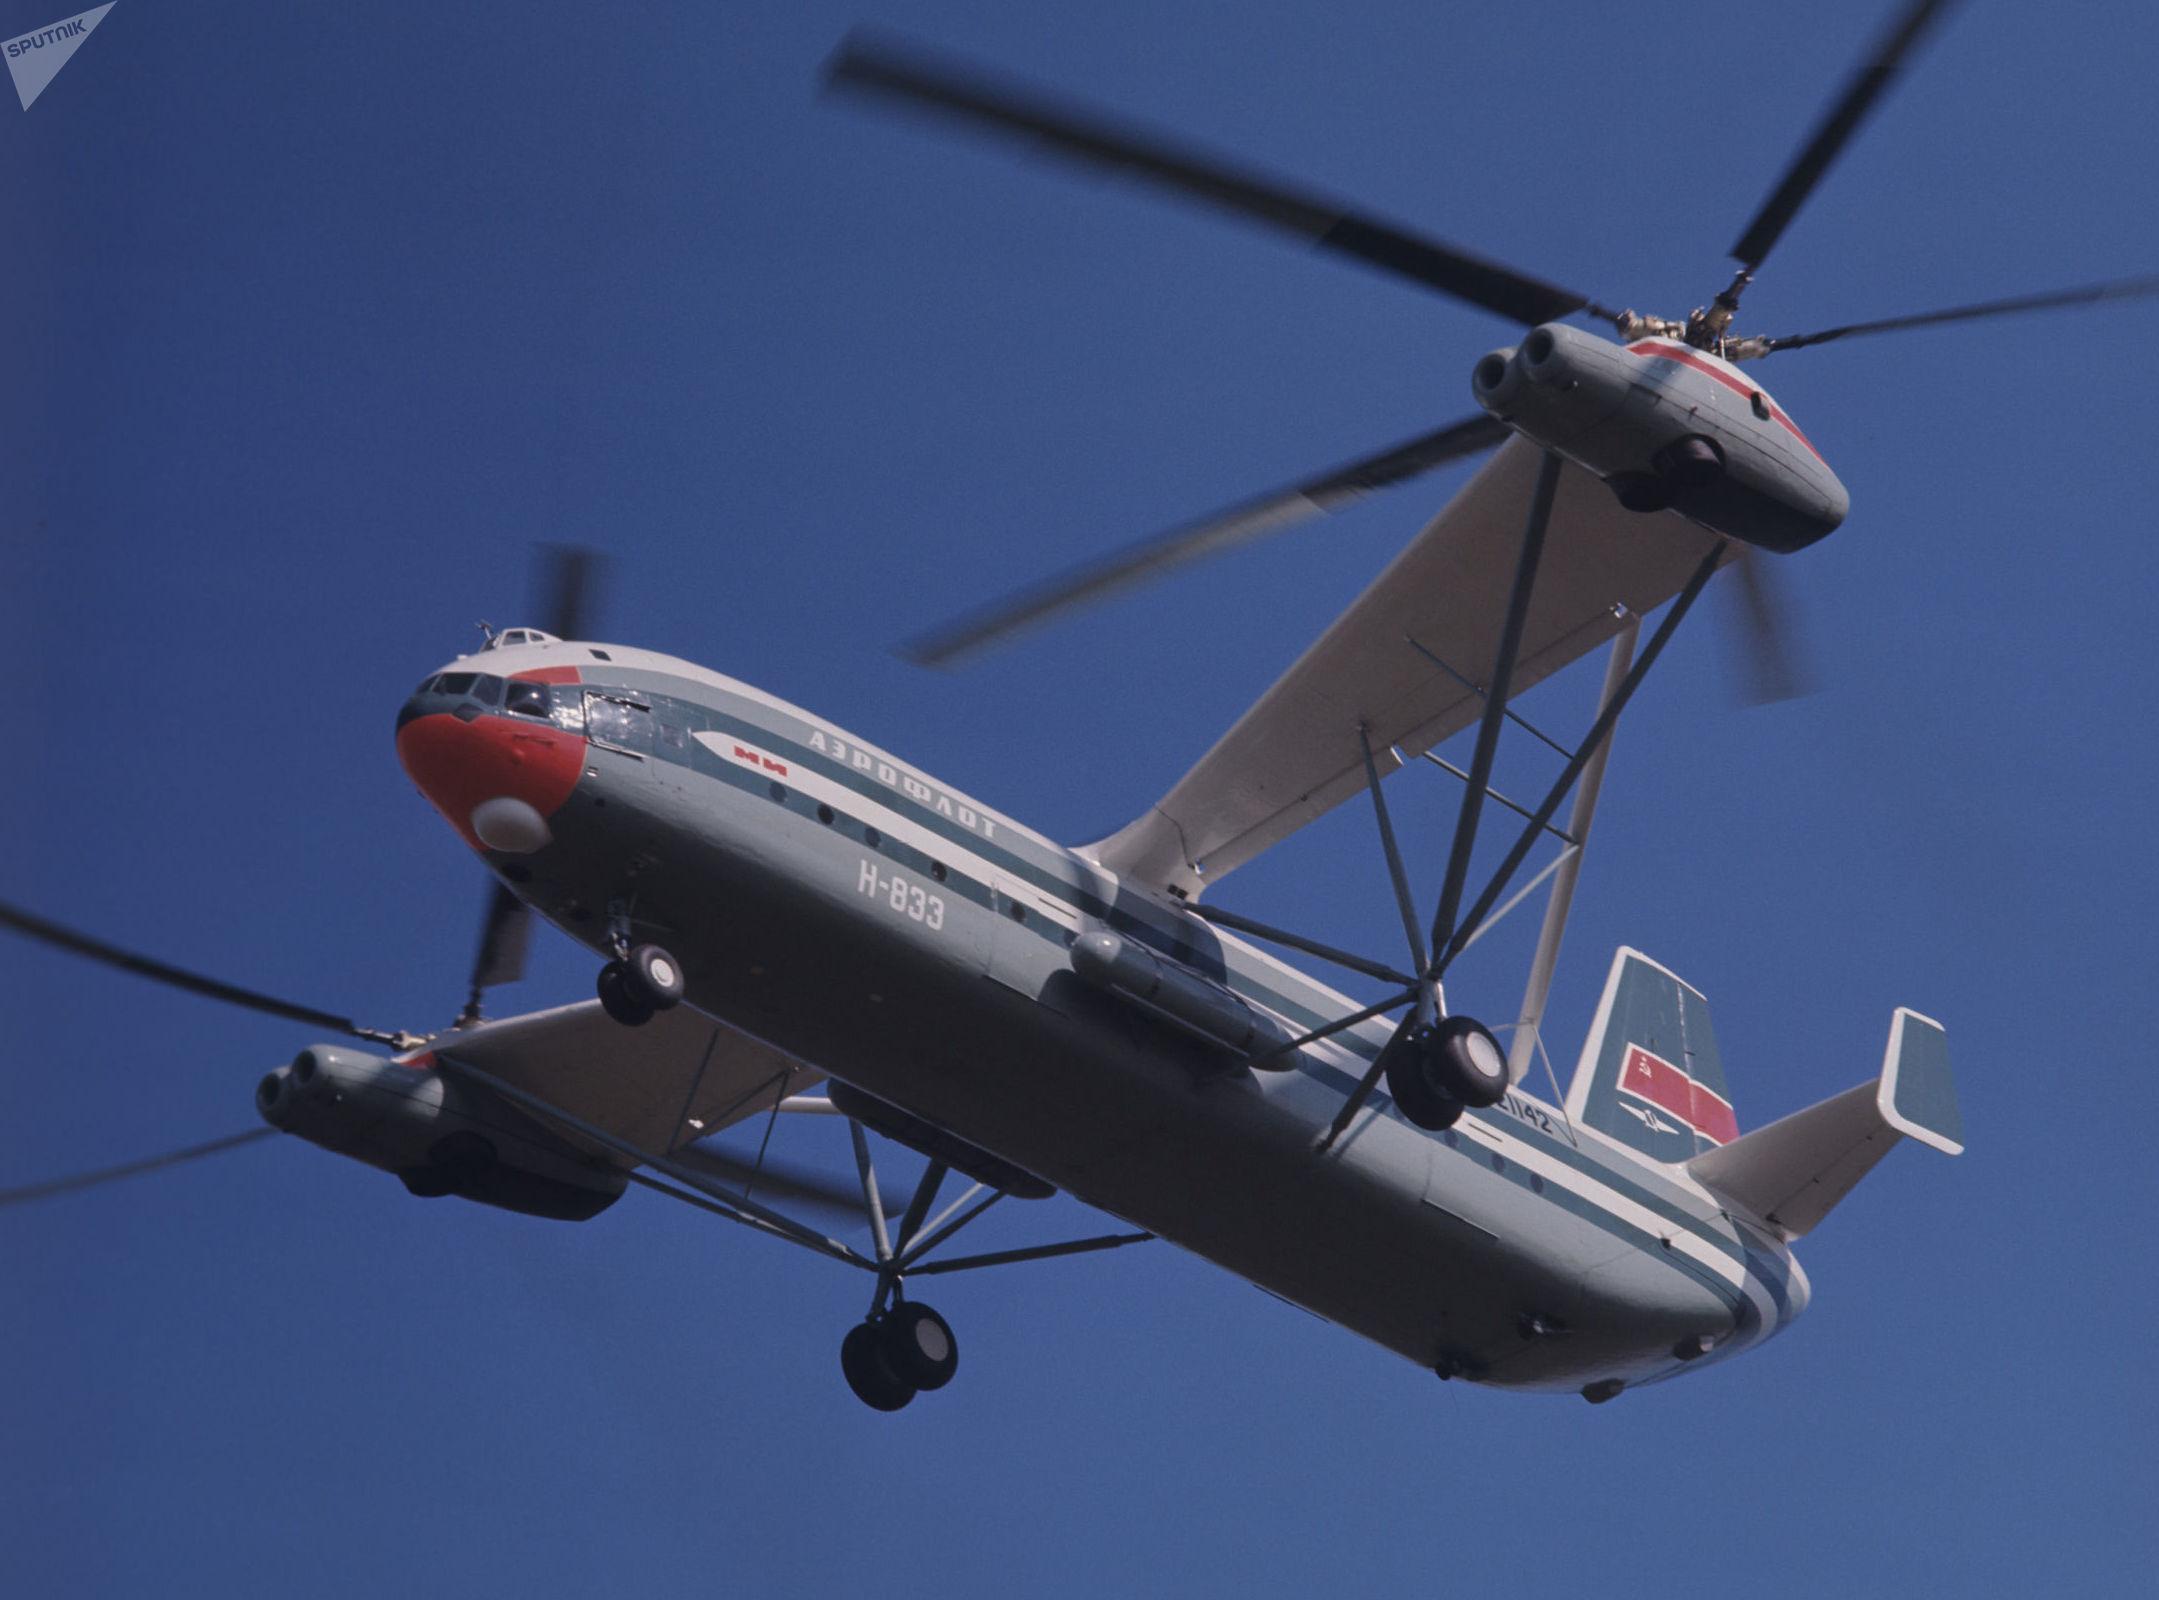 El Mi-12 fue diseñado para transportar misiles balísticos.